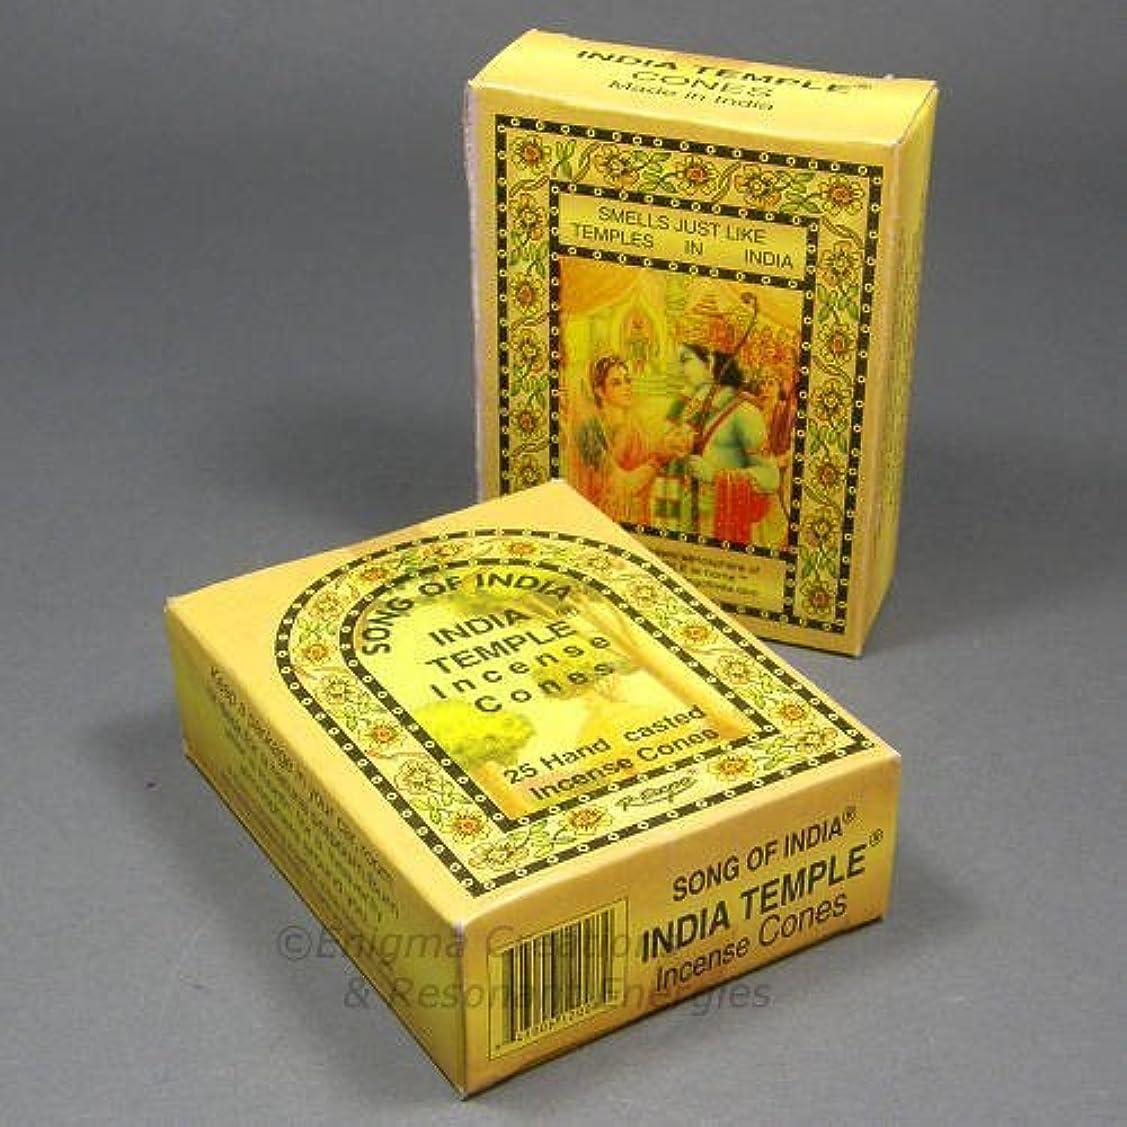 かすれた確保する樫の木Song of India - India Temple Cone Incense, 2 x 25 Cone Pack, 50 Cones Total, (IN7) by Song of India